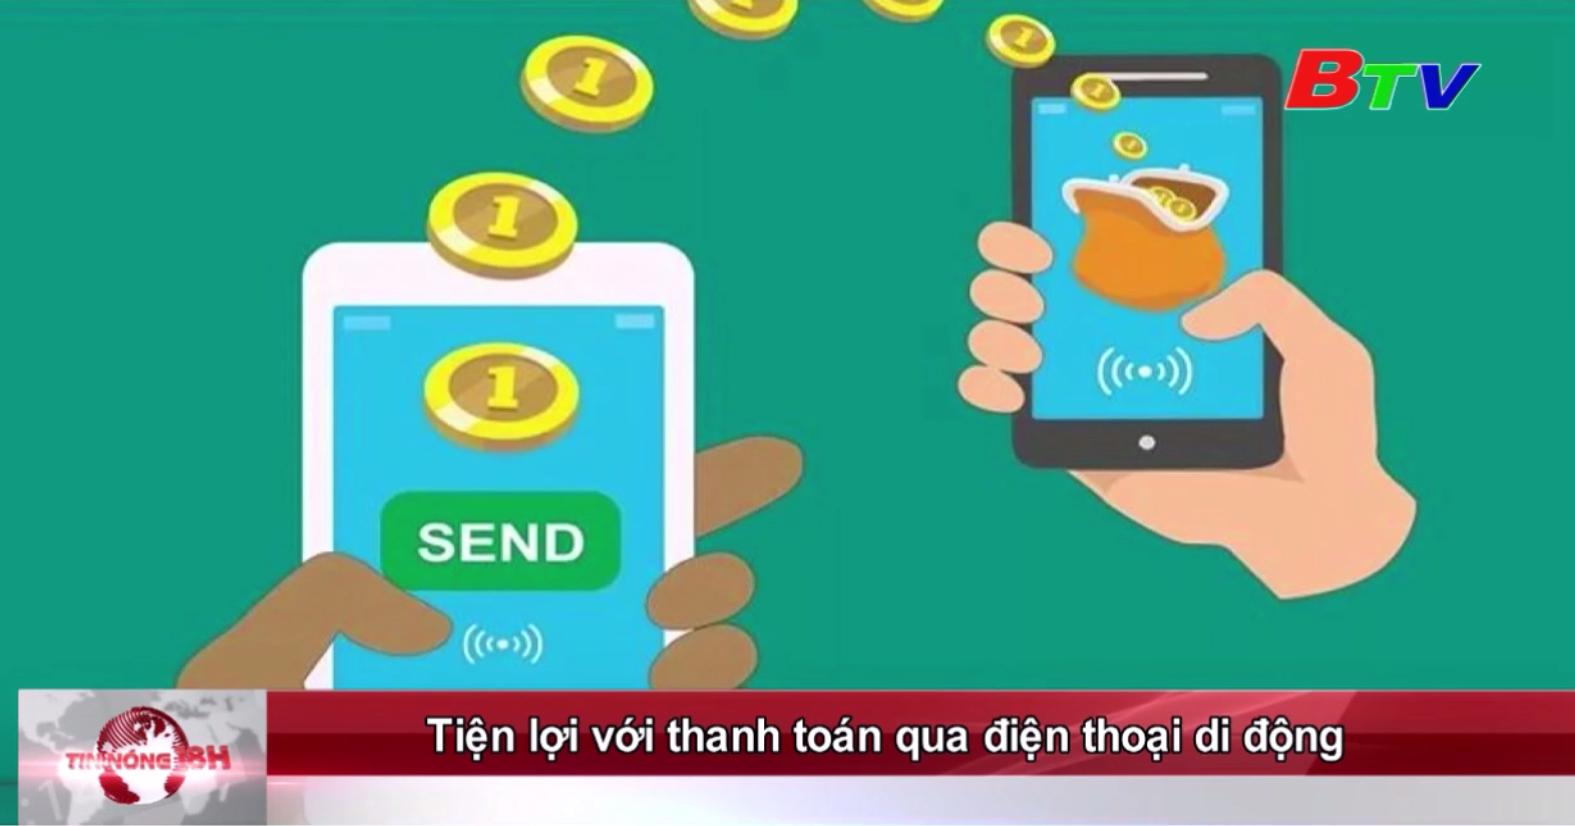 Tiện lợi với thanh toán qua điện thoại di động